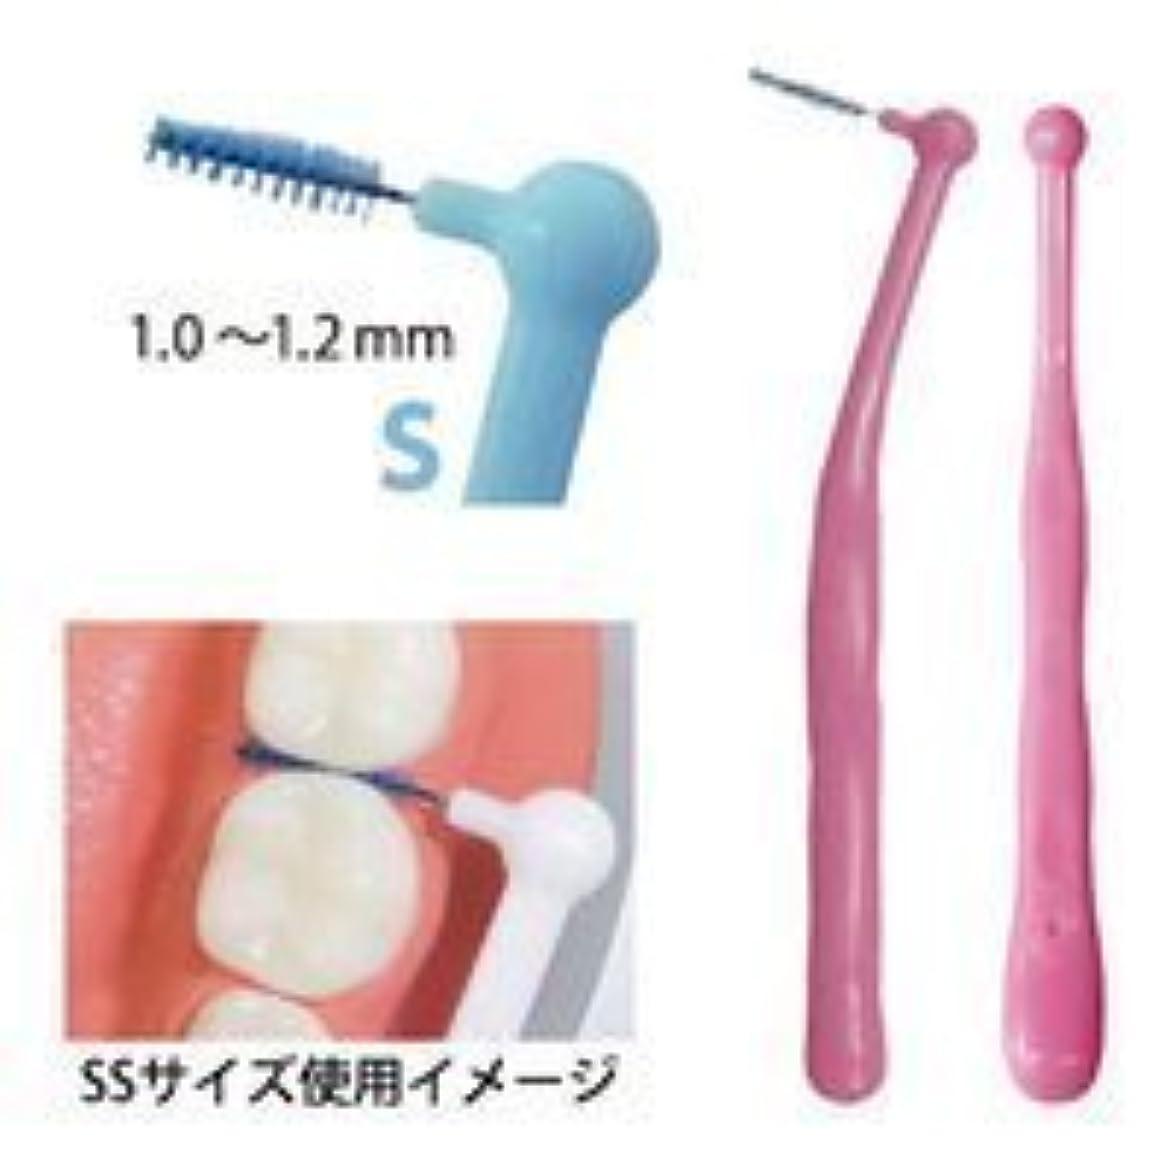 聖職者コピー時刻表Ci PRO L字型歯間ブラシ / S(ライトブルー) / 100本入りパック